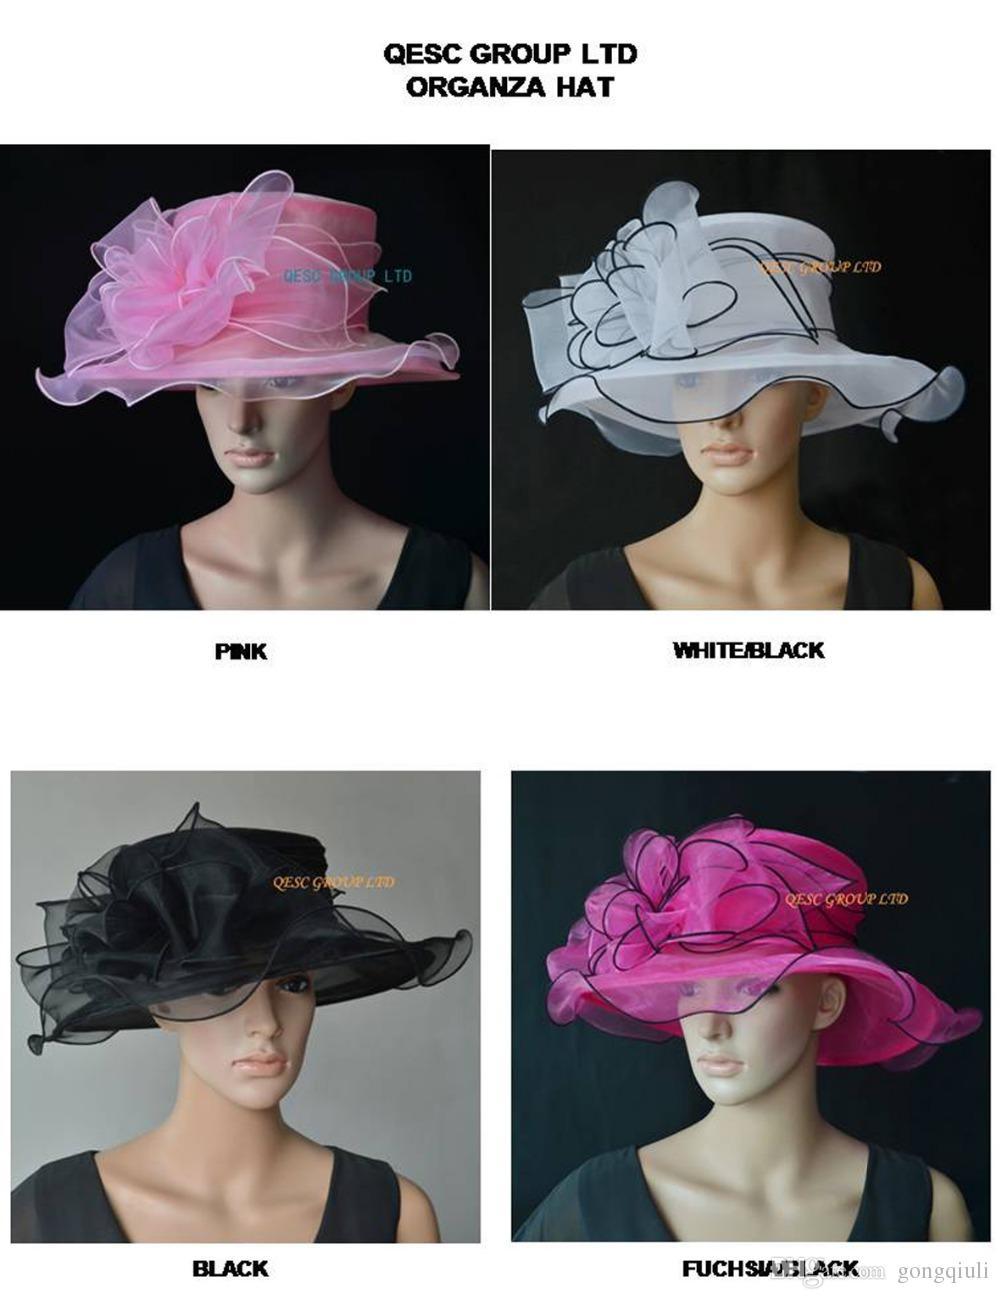 НОВОЕ ПОСТУПЛЕНИЕ. Органза шляпа случаю шляпа Кентукки Дерби шляпа, церковь шляпа, Шляпа свадьбы для чаепития.